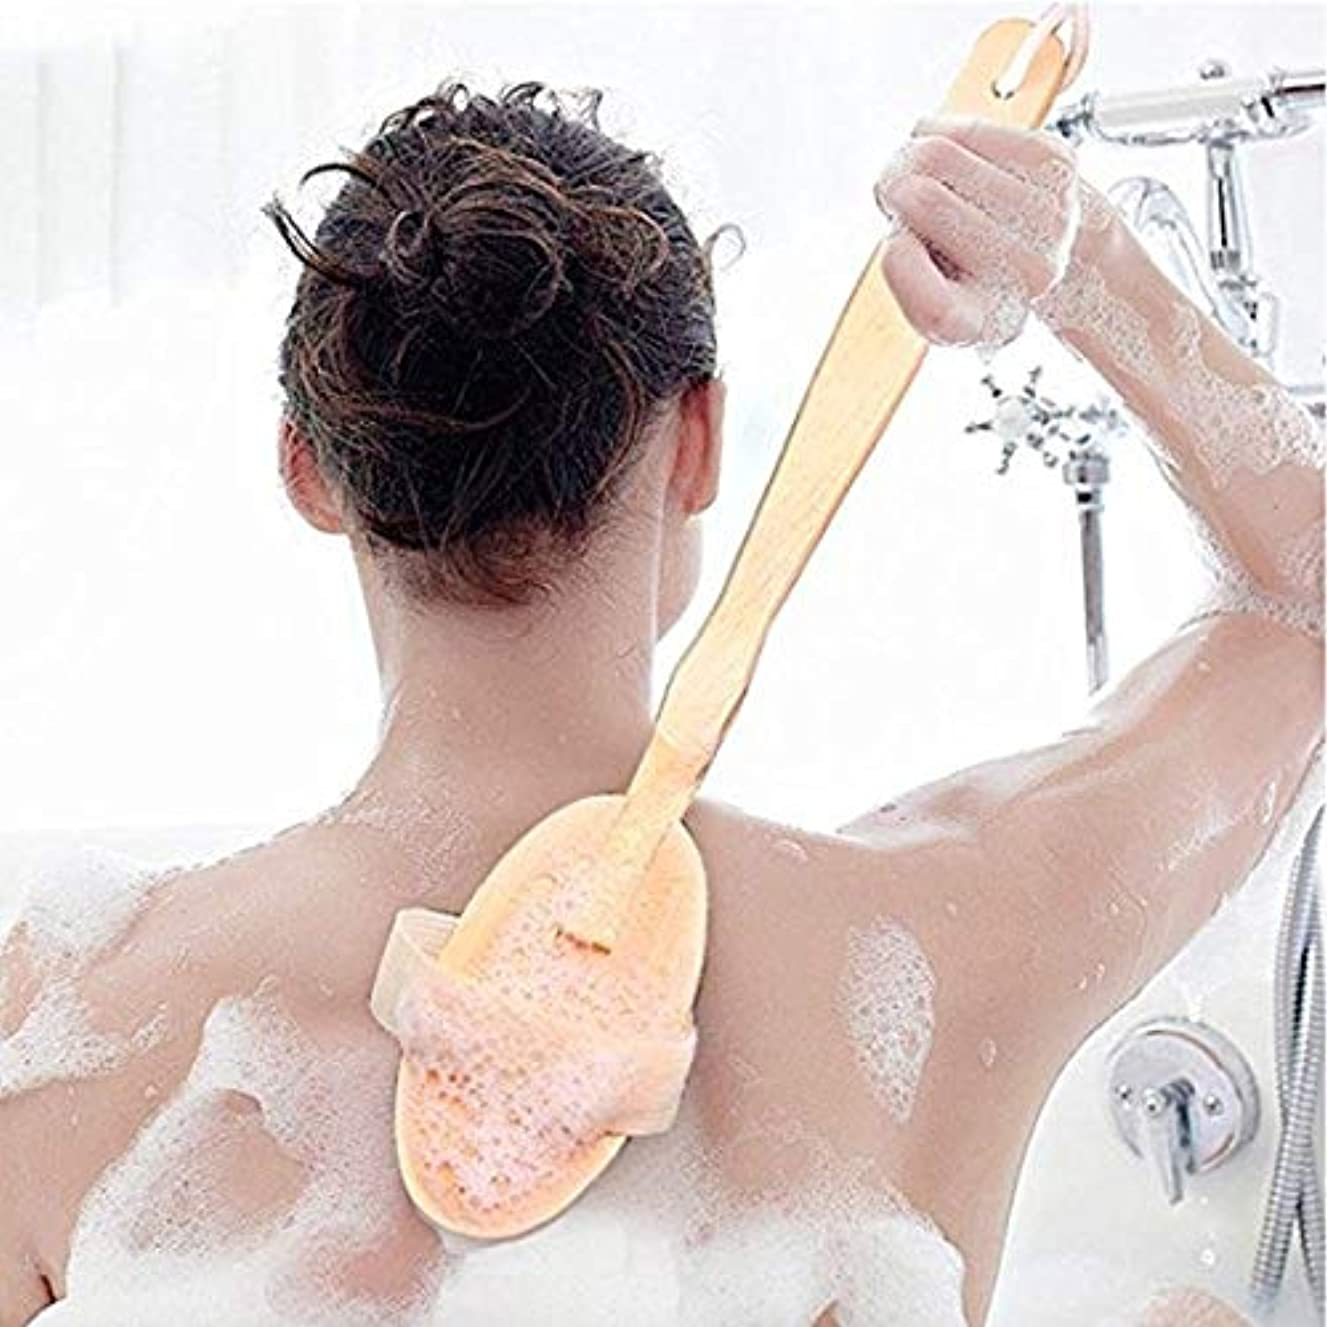 応用家主反対にicey 木製 長柄 入浴ブラシ お風呂の神器 ブラシ 入浴ブラシ ブタのたらいブラシ 軟毛 背中をこす 背中長柄ボディブラシ高級木製豚毛入浴ブラシ美肌効果むくみ改善